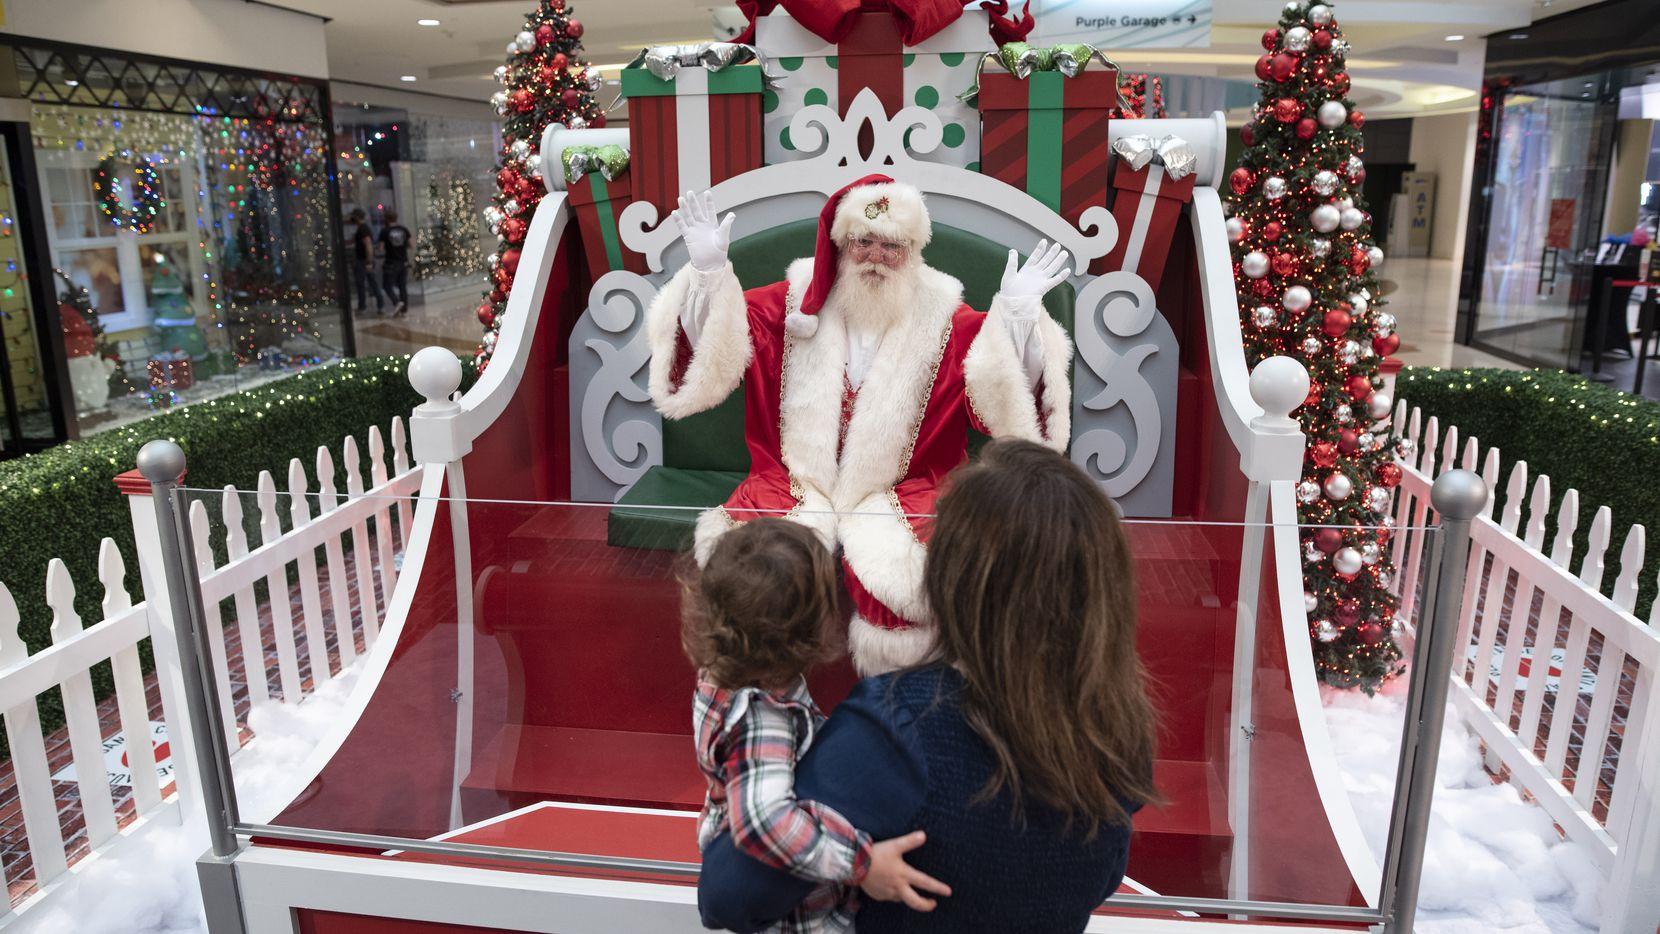 Las fotos con Santa Claus este año serán sin contacto en el Galleria Dallas. Una barrera transparente separa a Santa de las familias.